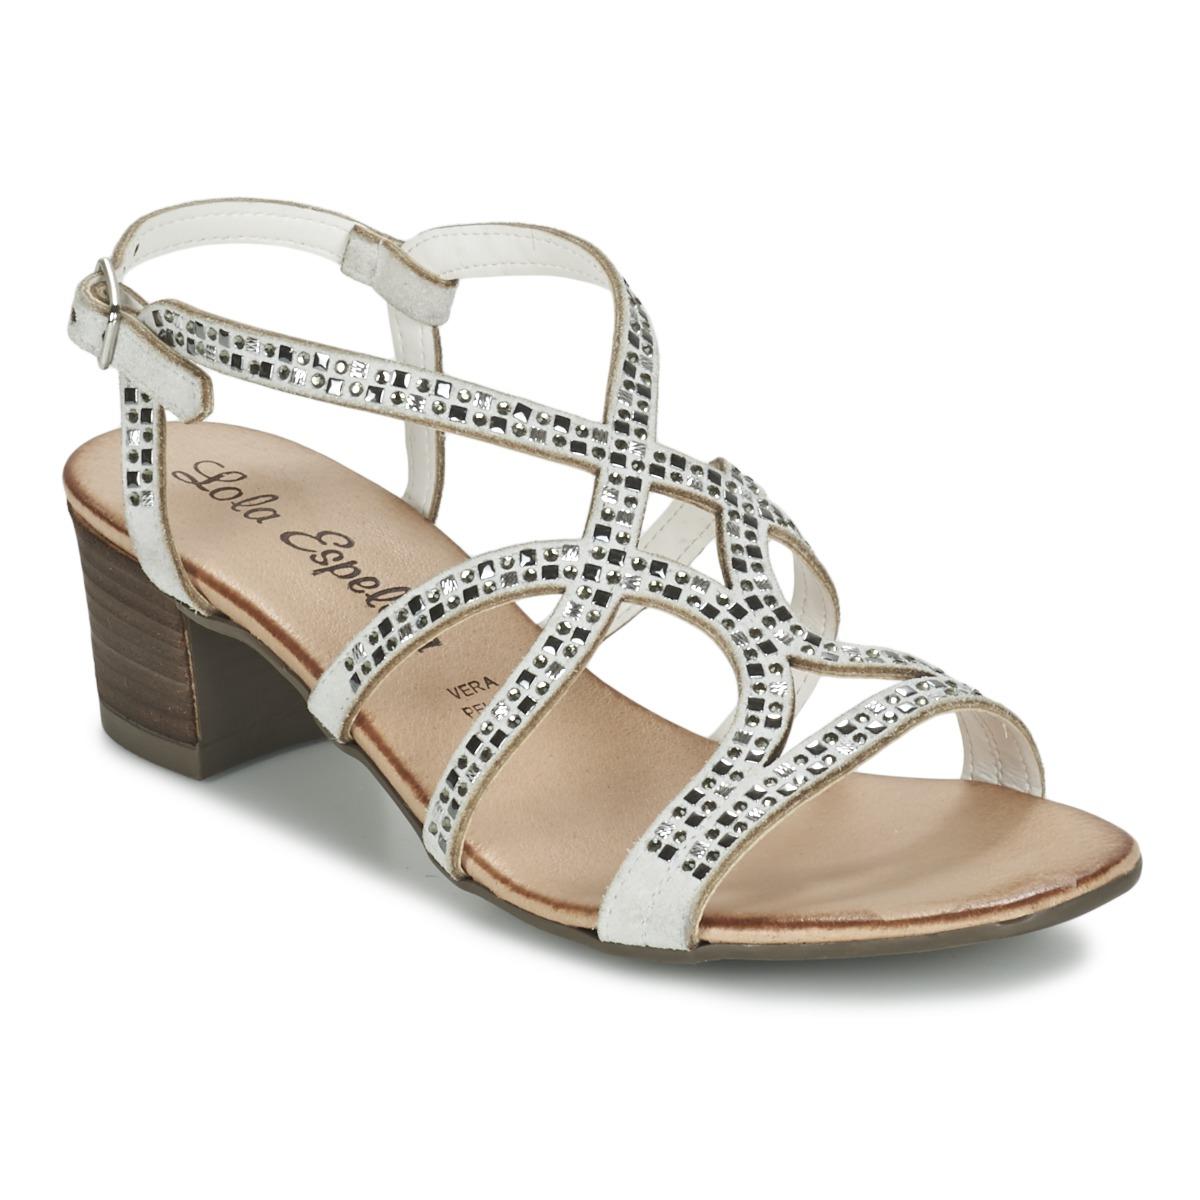 Sandale Lola Espeleta GRILLION Blanc